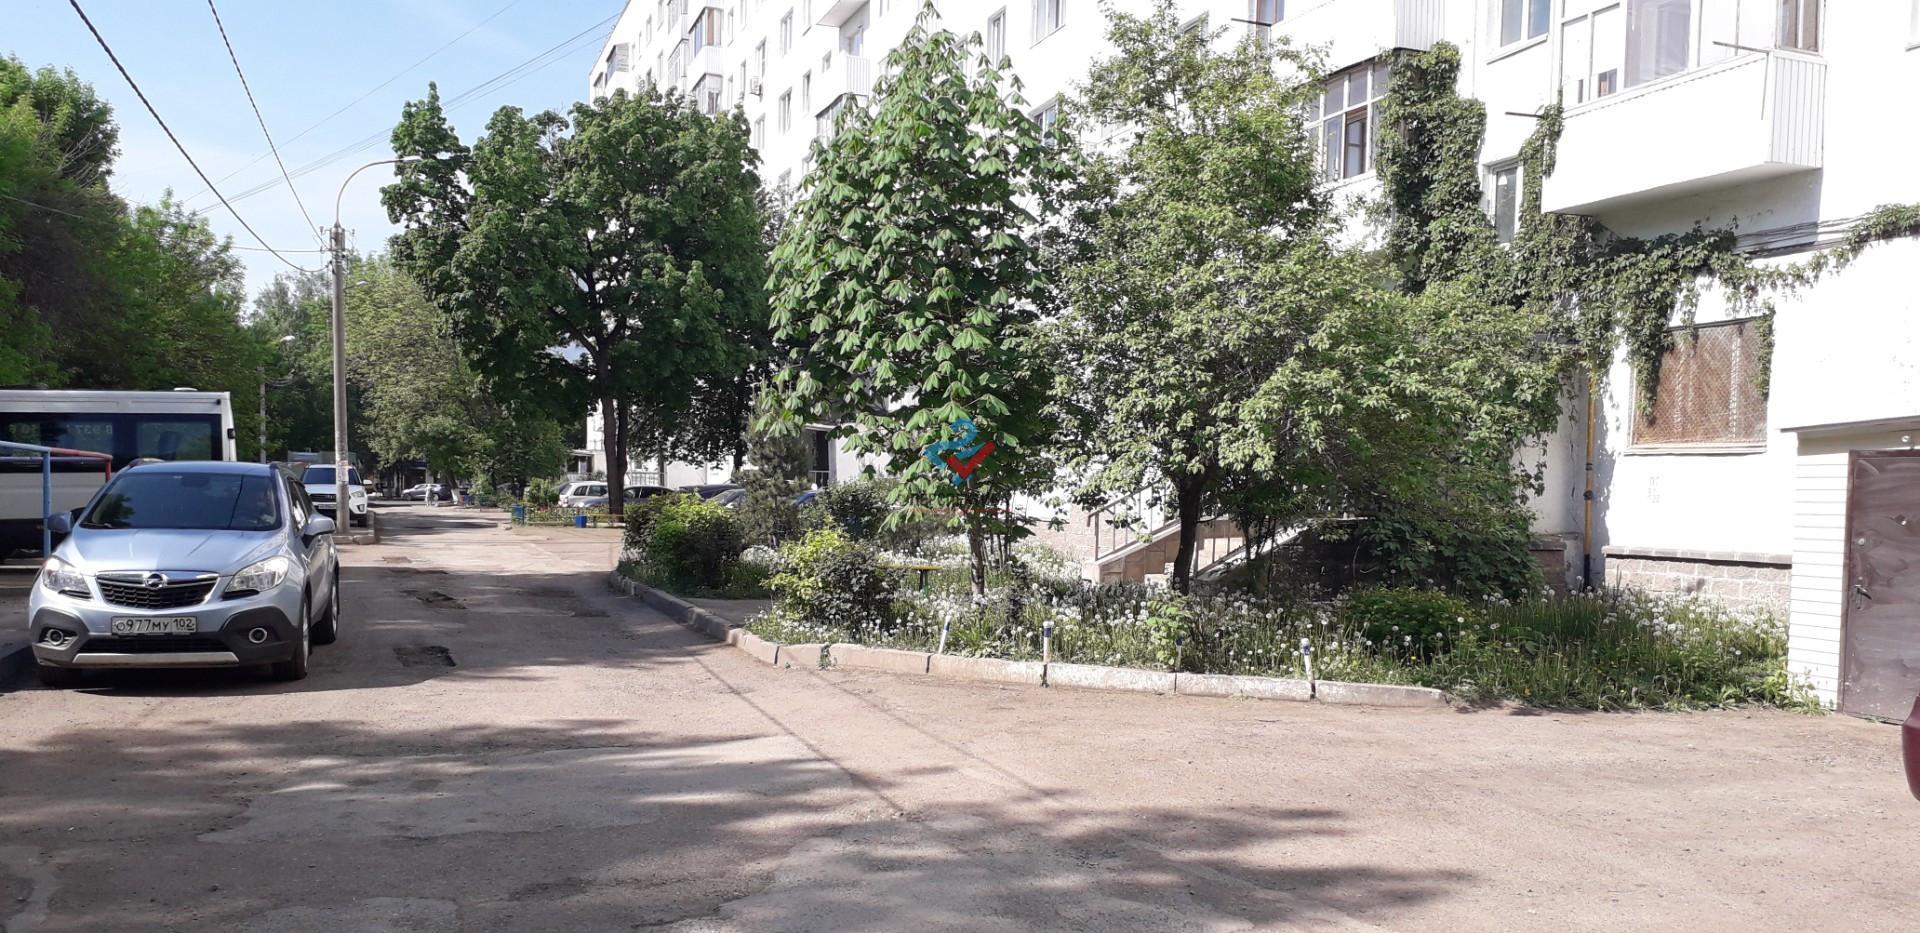 Уфа, улица Рихарда Зорге, 44